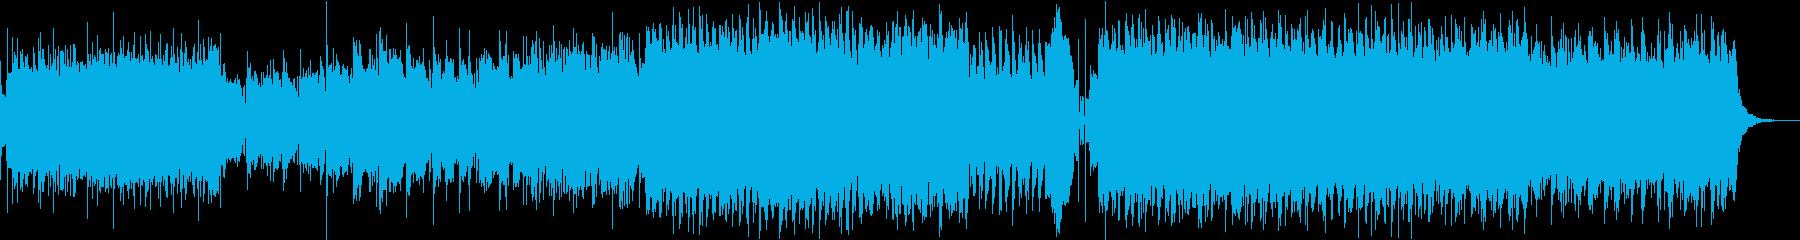 サイバー感あるロック曲:ヴァイオリンの再生済みの波形